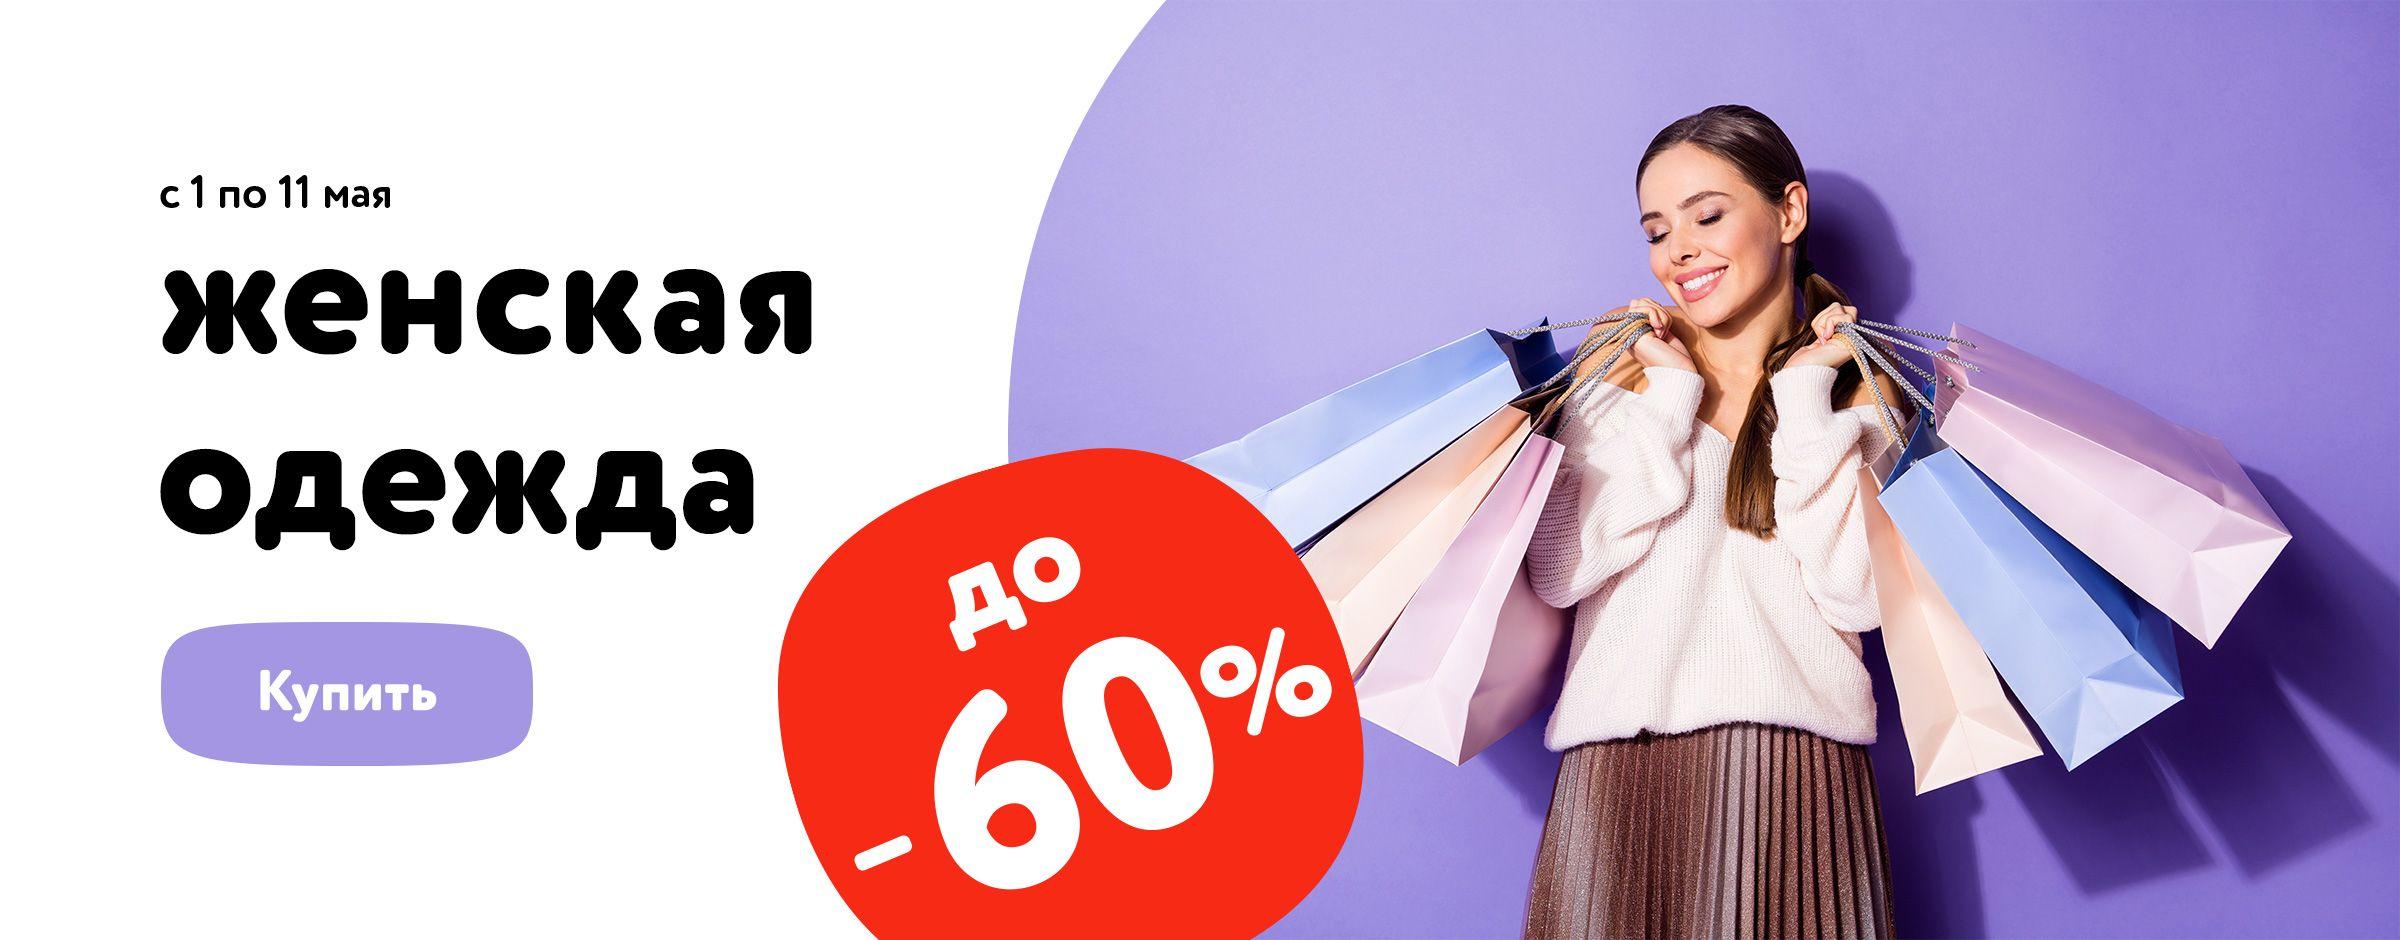 Скидки до 60 % на женскую одежду